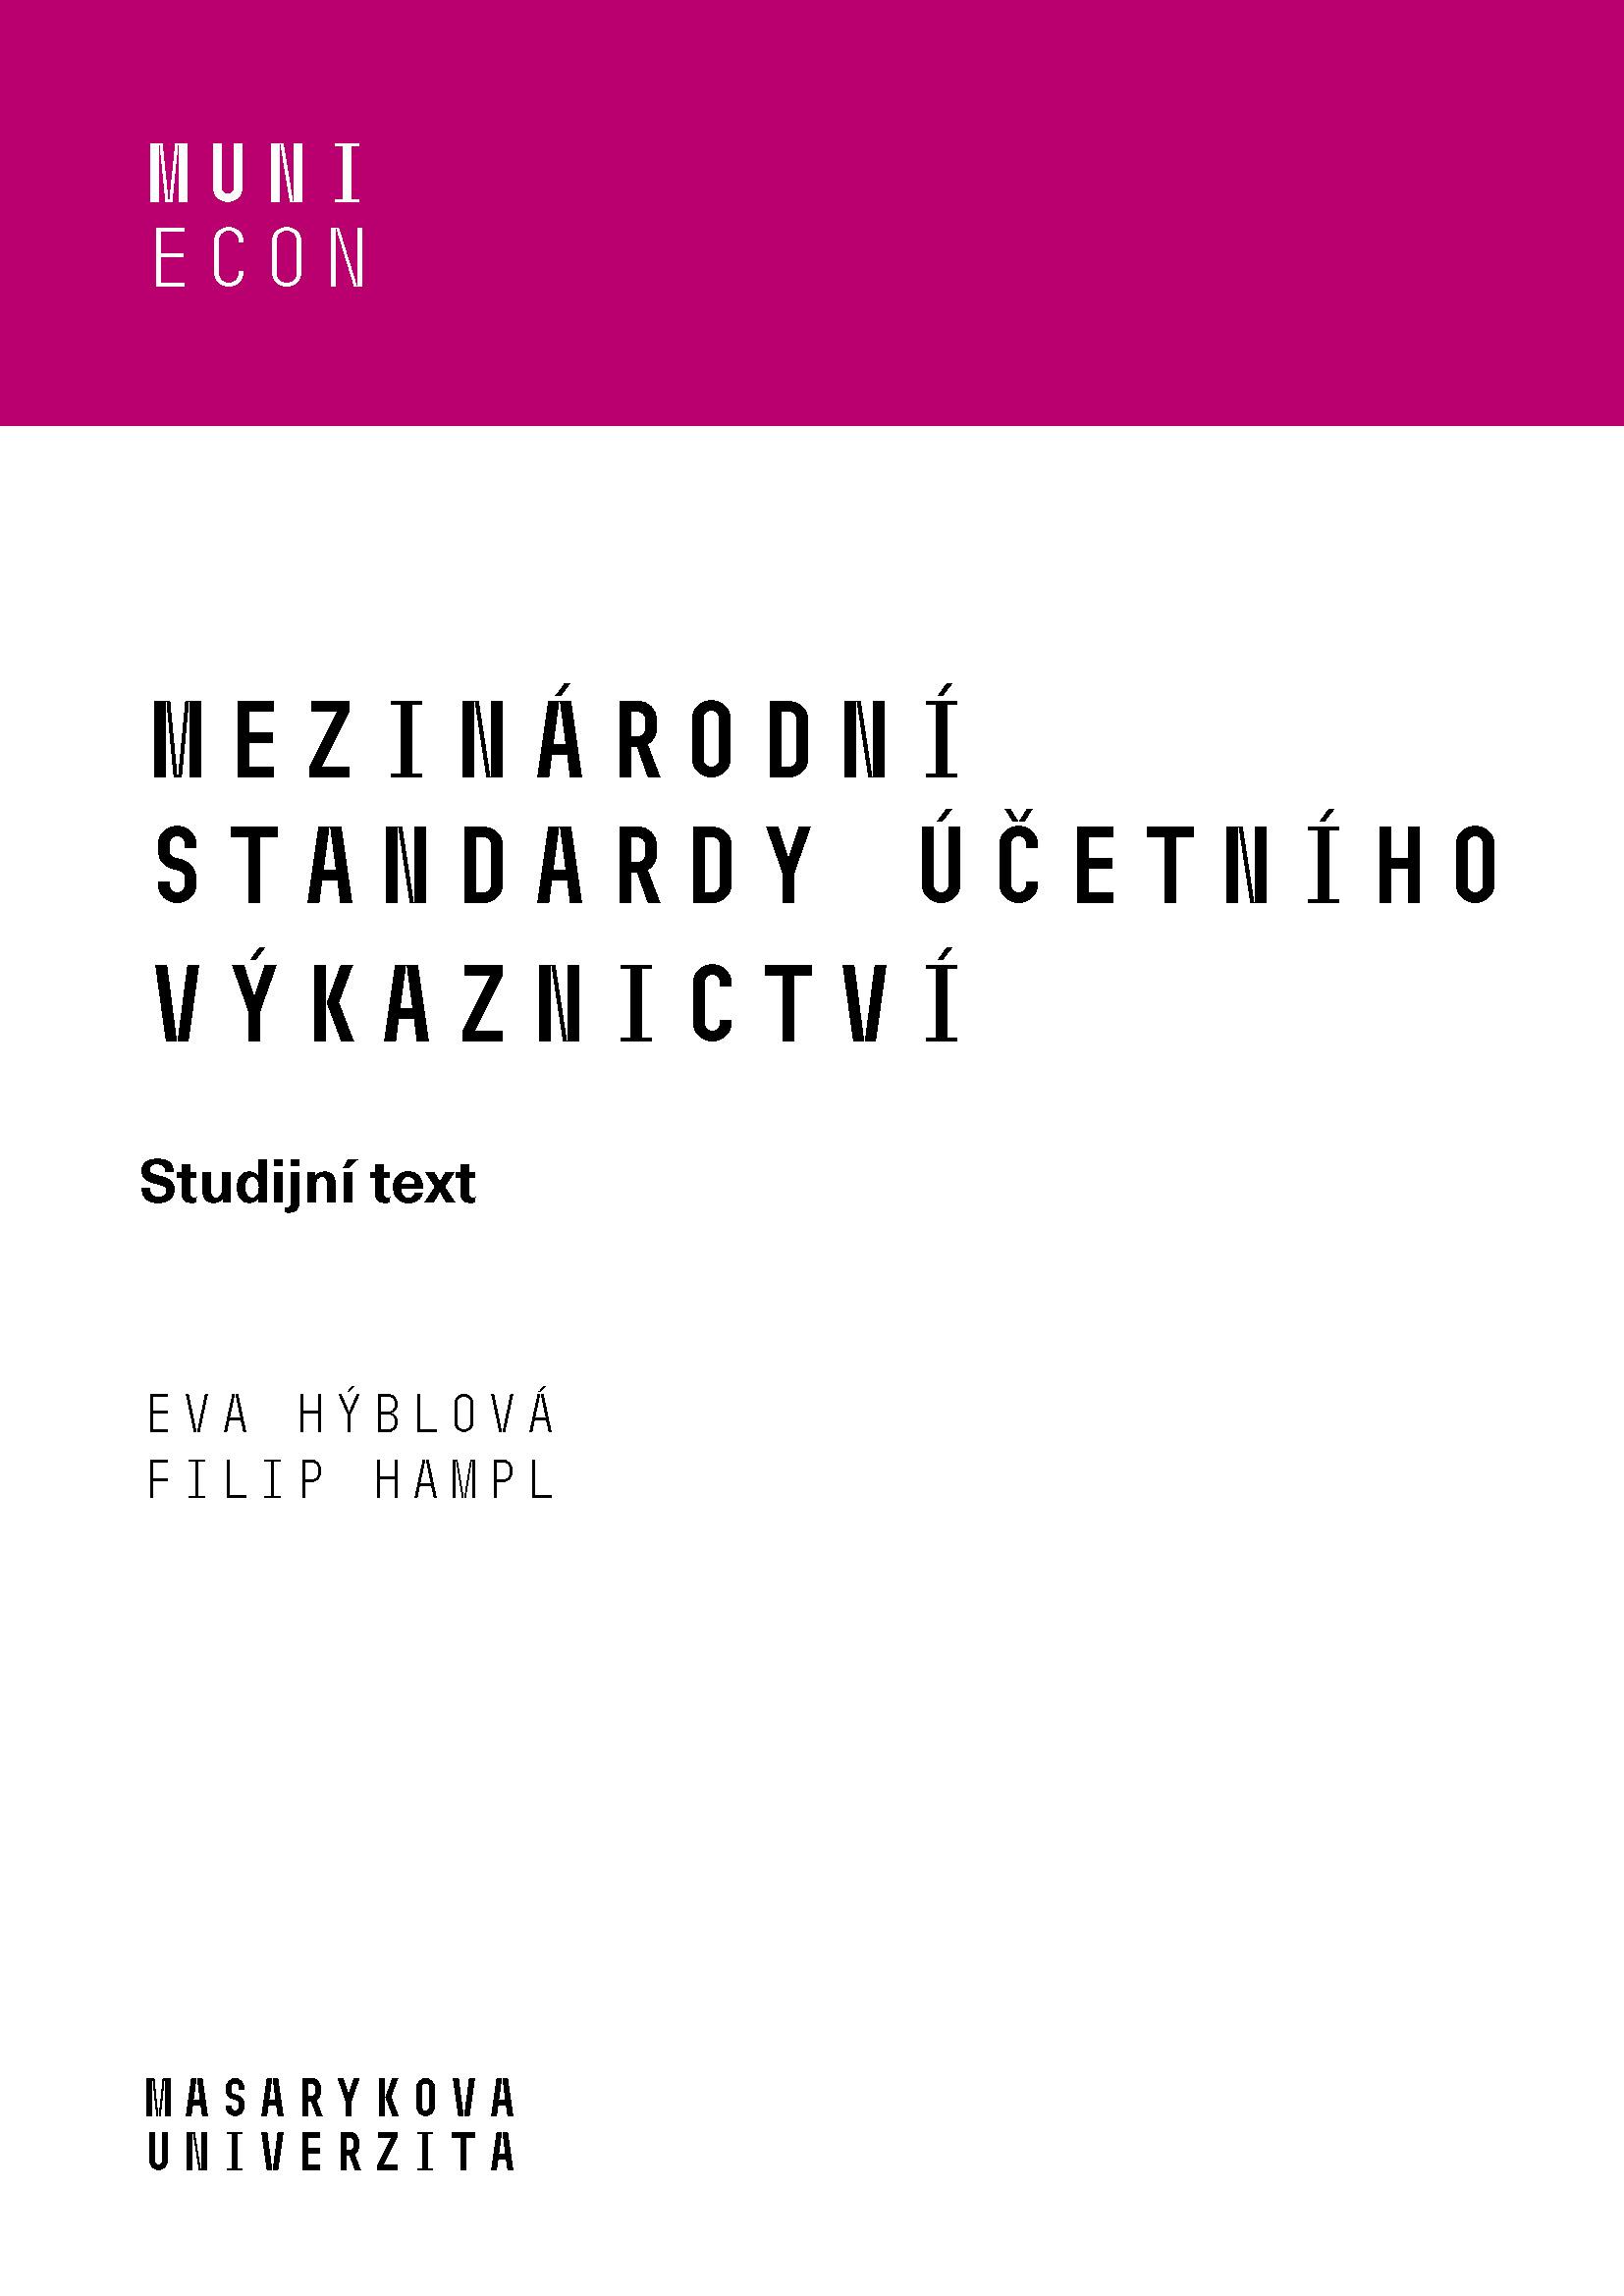 Obálka pro Mezinárodní standardy účetního výkaznictví. Studijní text